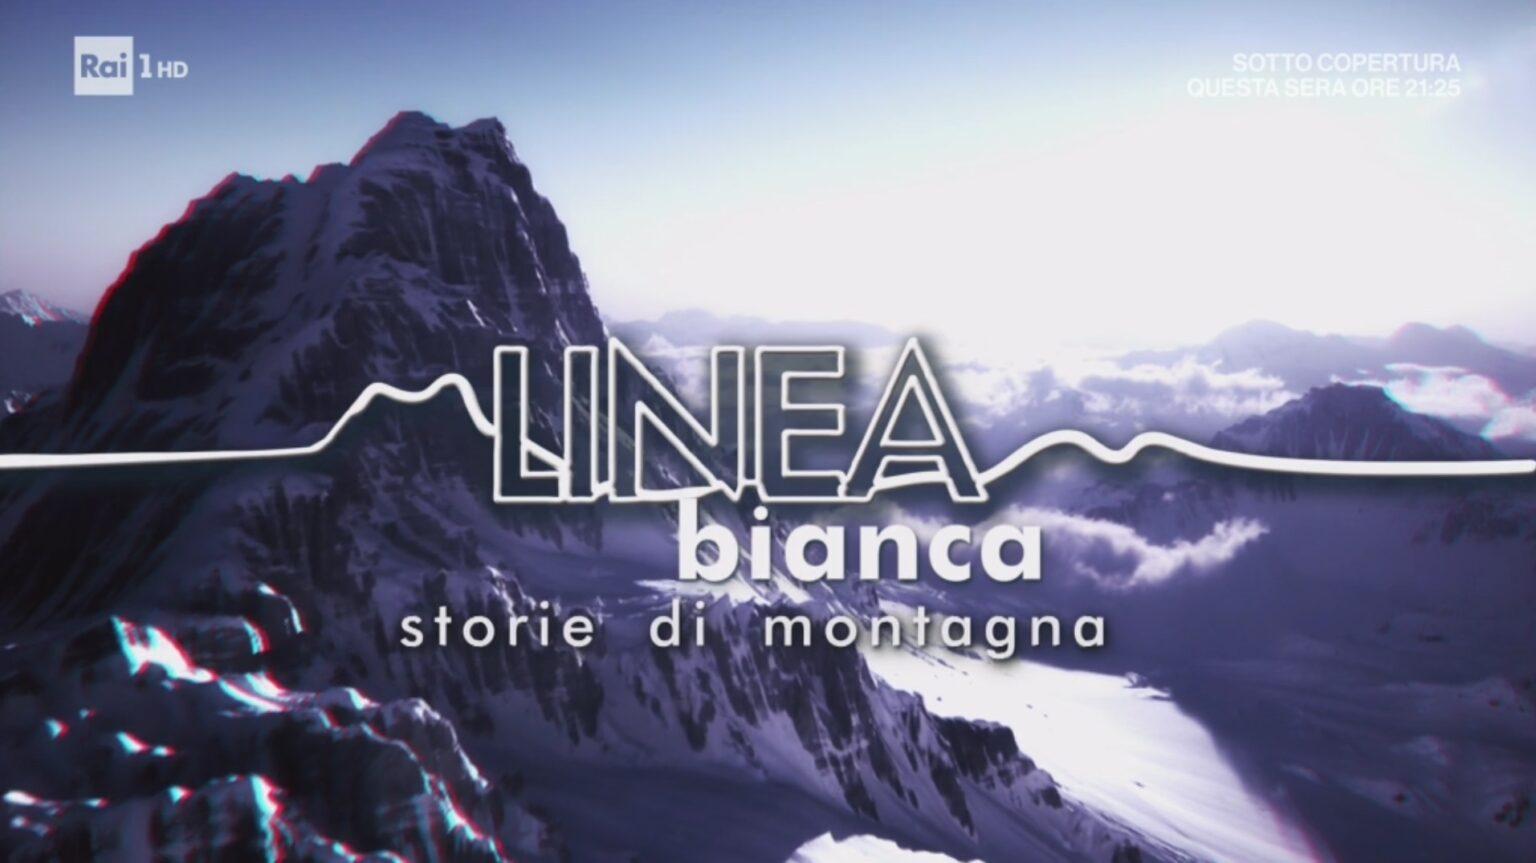 Linea Bianca 24 aprile Rai 1